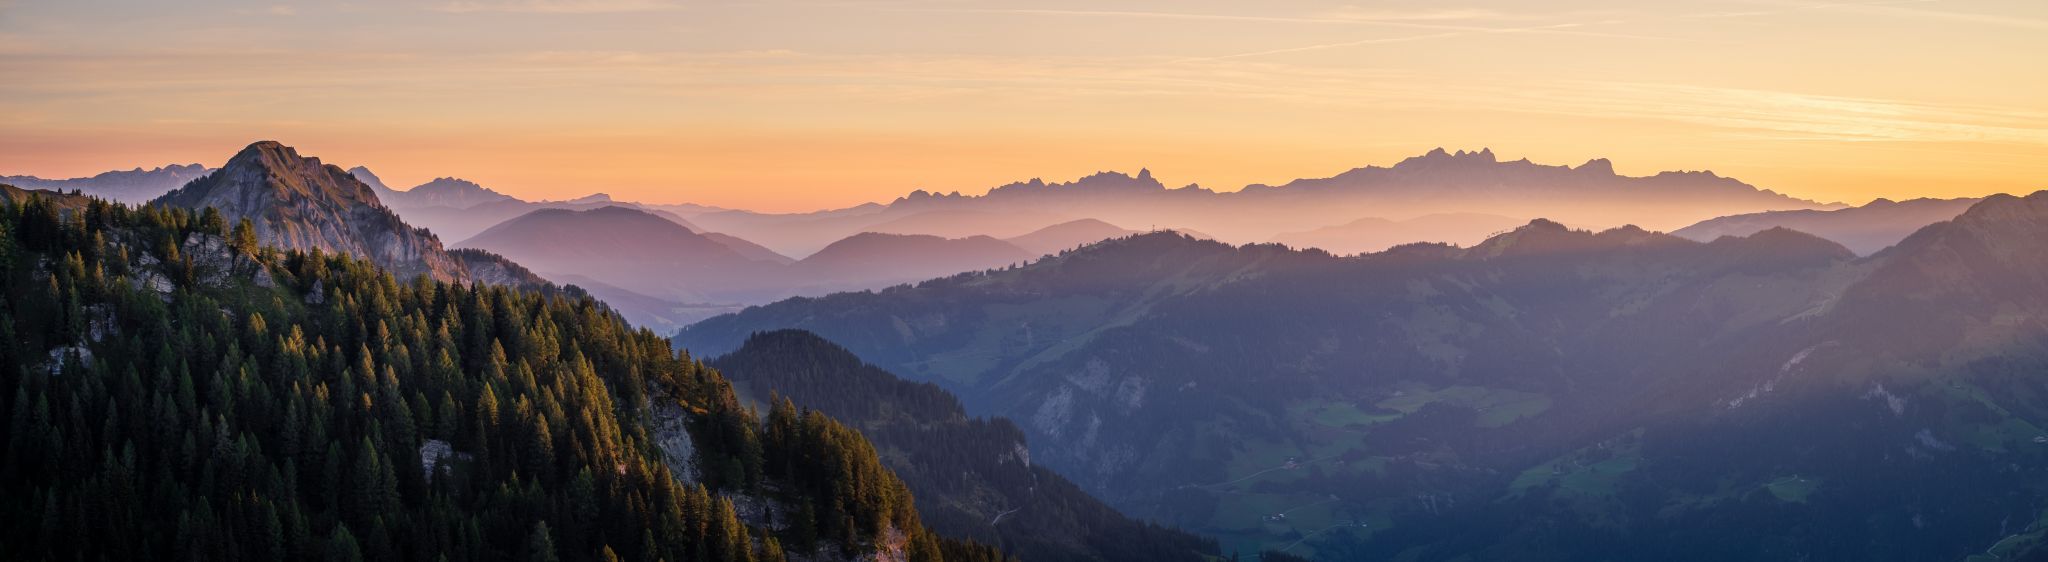 Sunrise @ Liechtensteinkopf, Austria